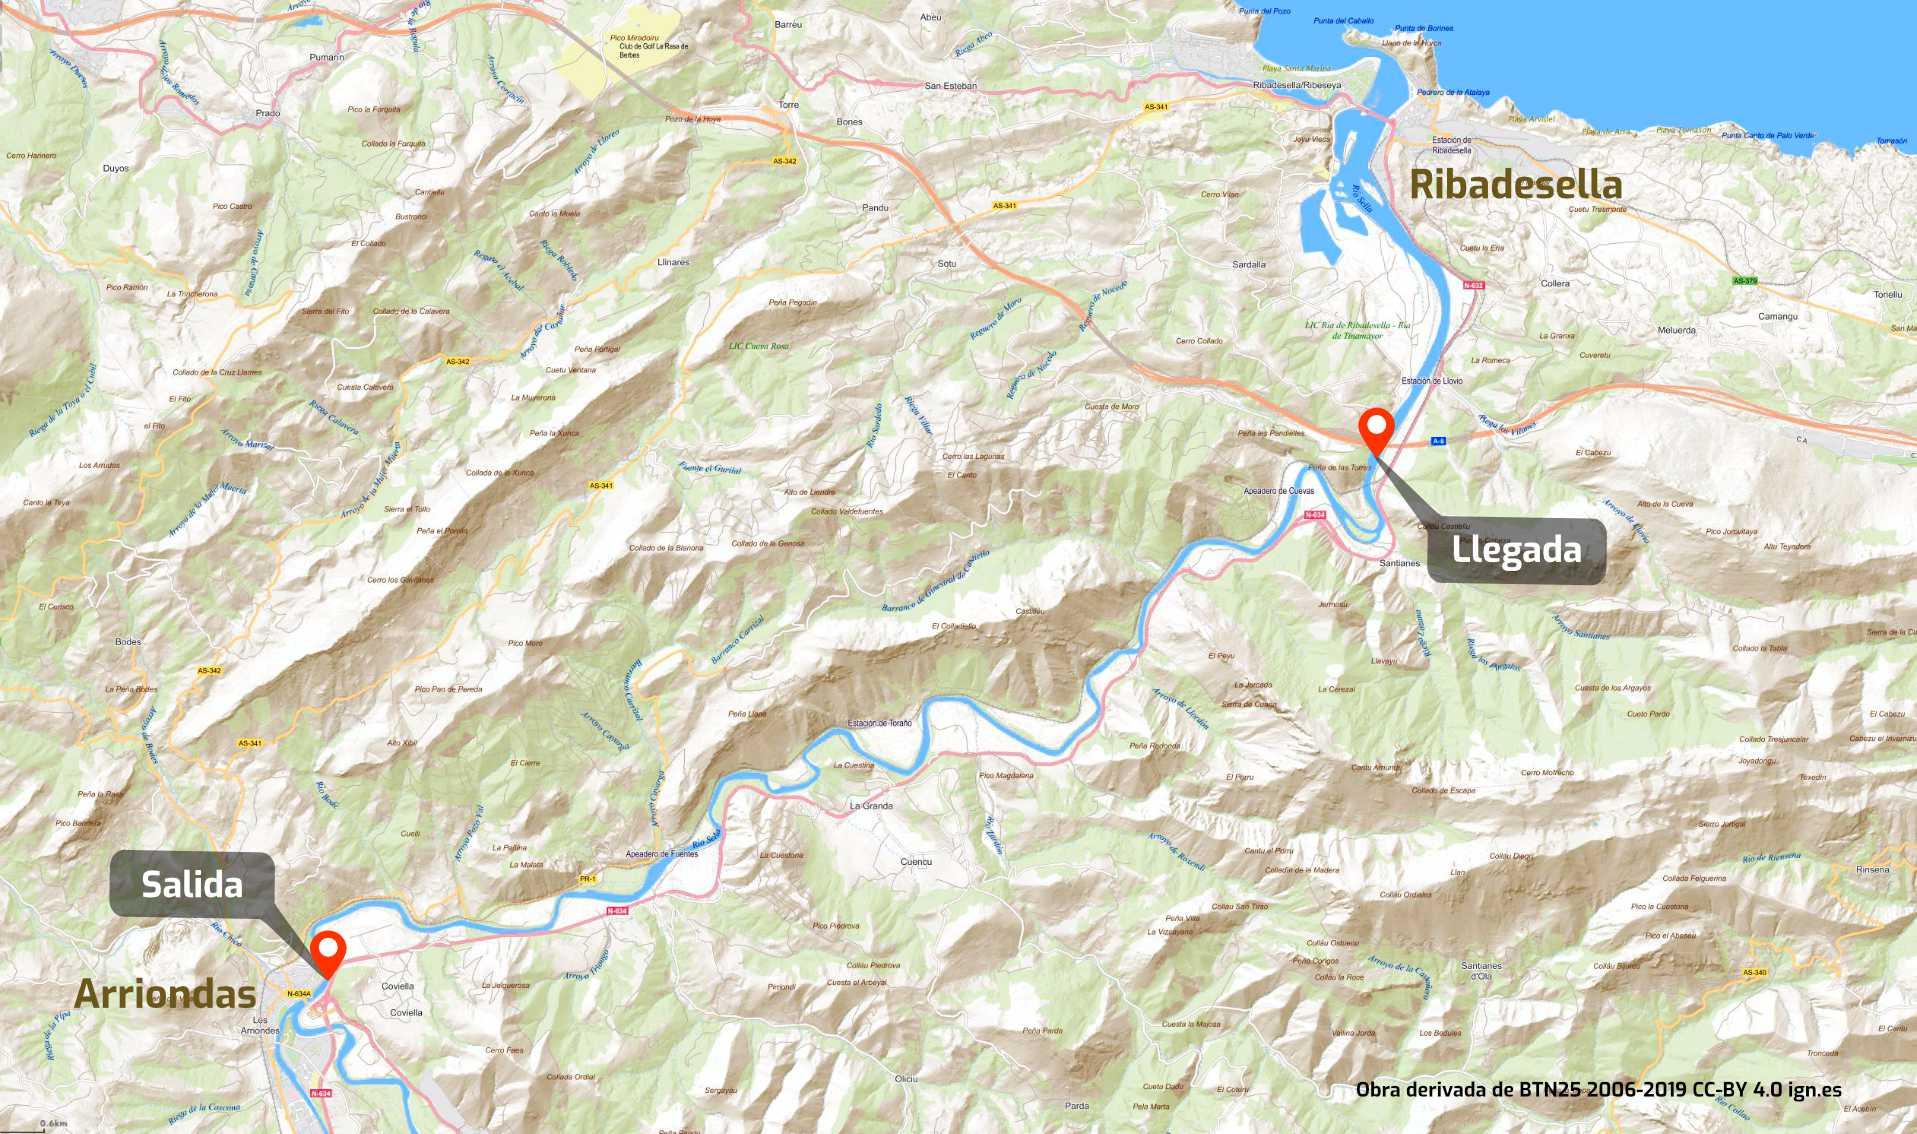 Mapa con el recorrido del descenso del río Sella entre Arriondas y Ribadesella, Asturias